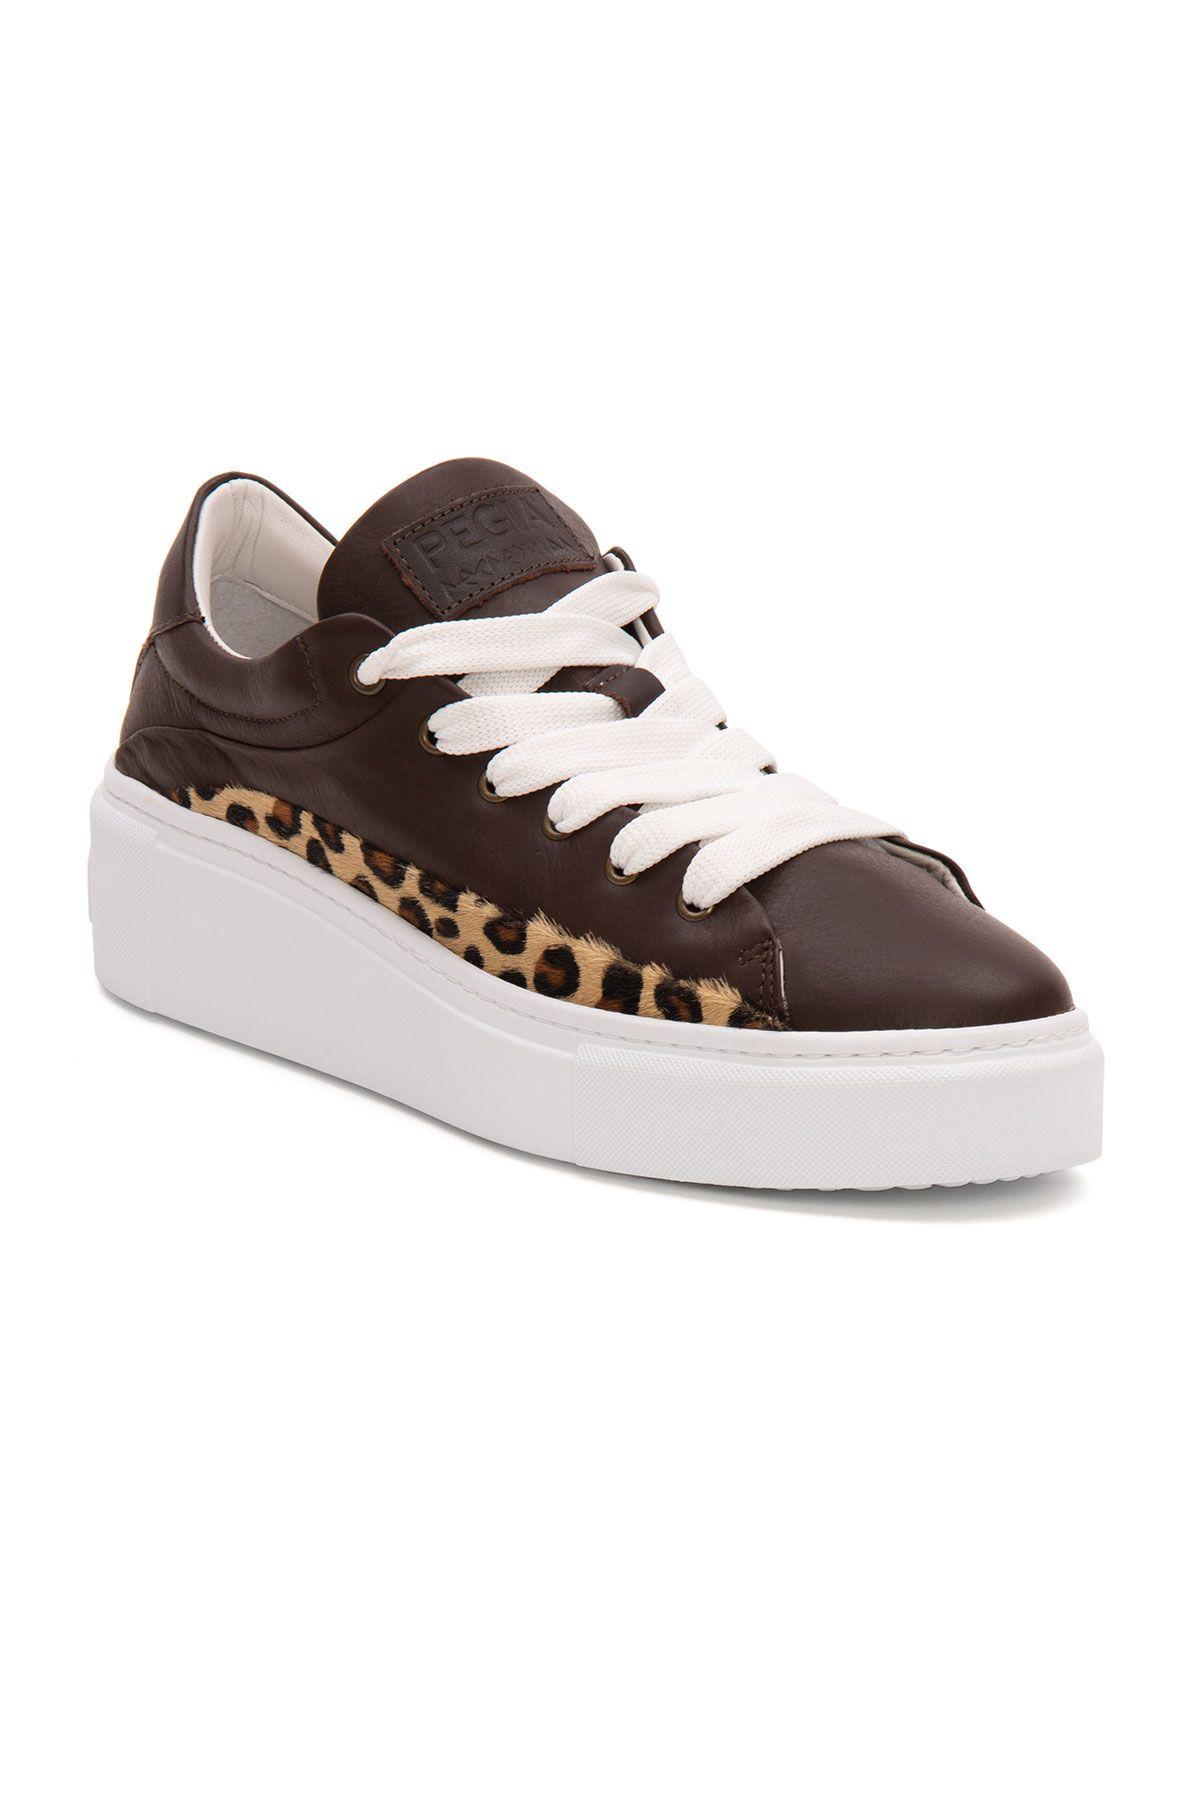 Pegia Genuine Leather Women's Sneaker LA1627 Brown